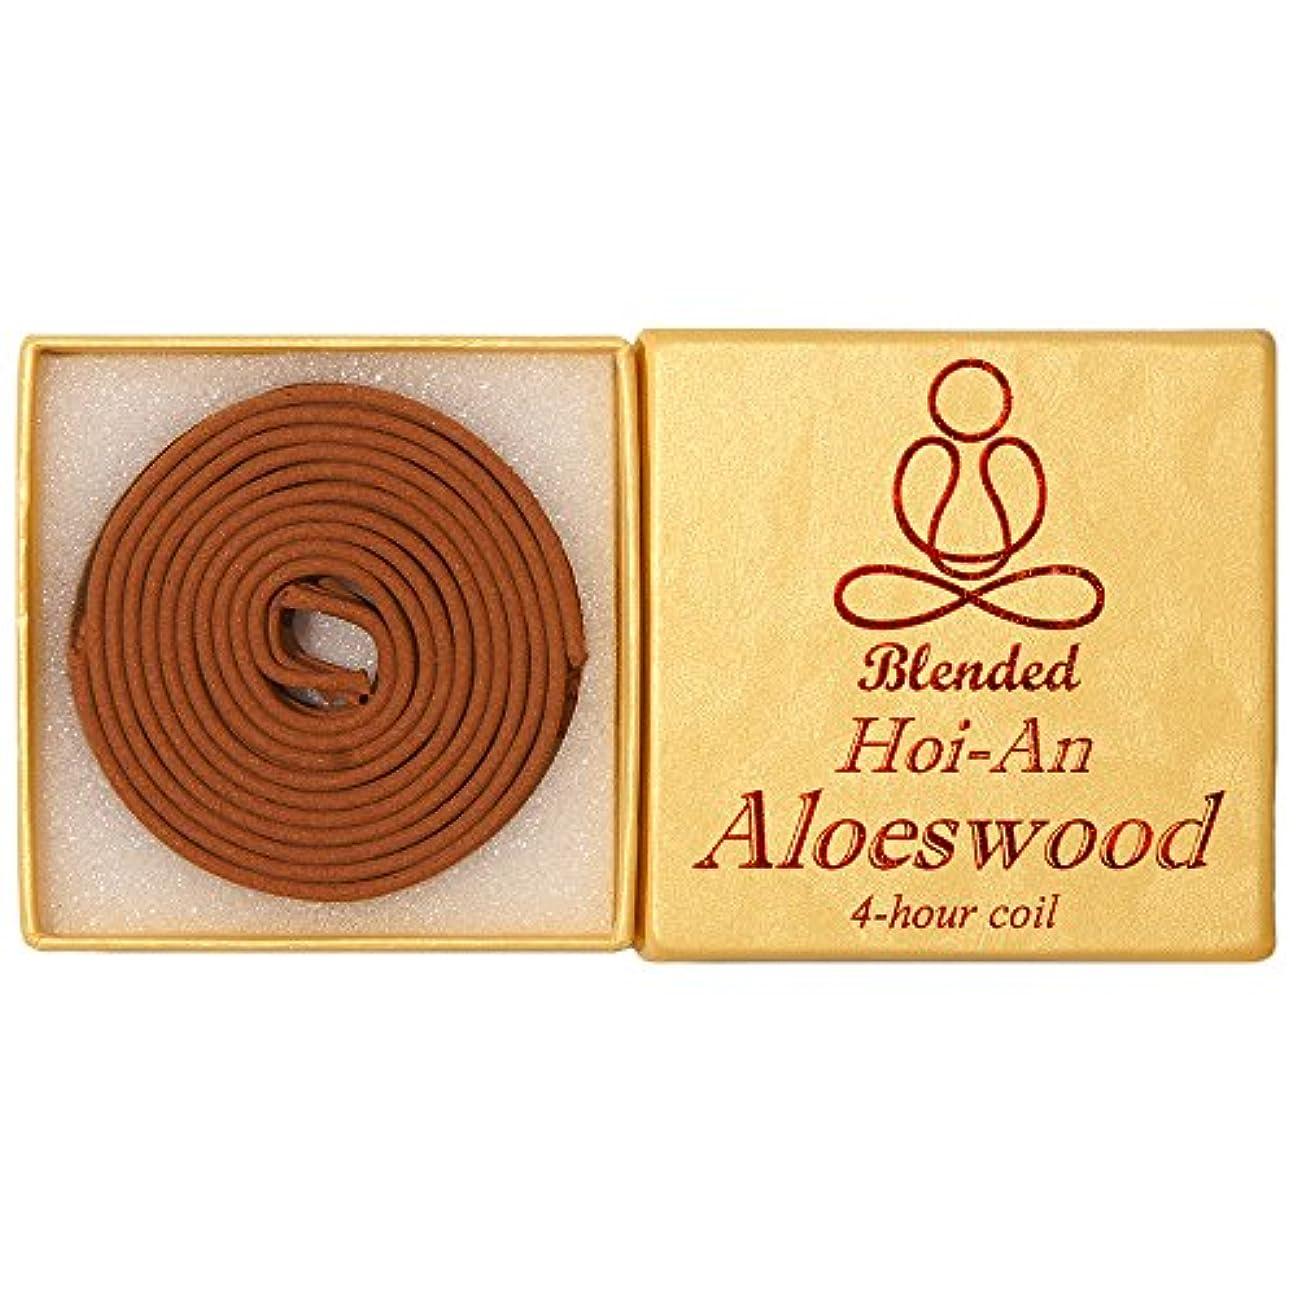 軽減ソロ幻想的Blended Hoi-An Aloeswood - 12 pieces 4-hour Coil - 100% natural - GHC152T